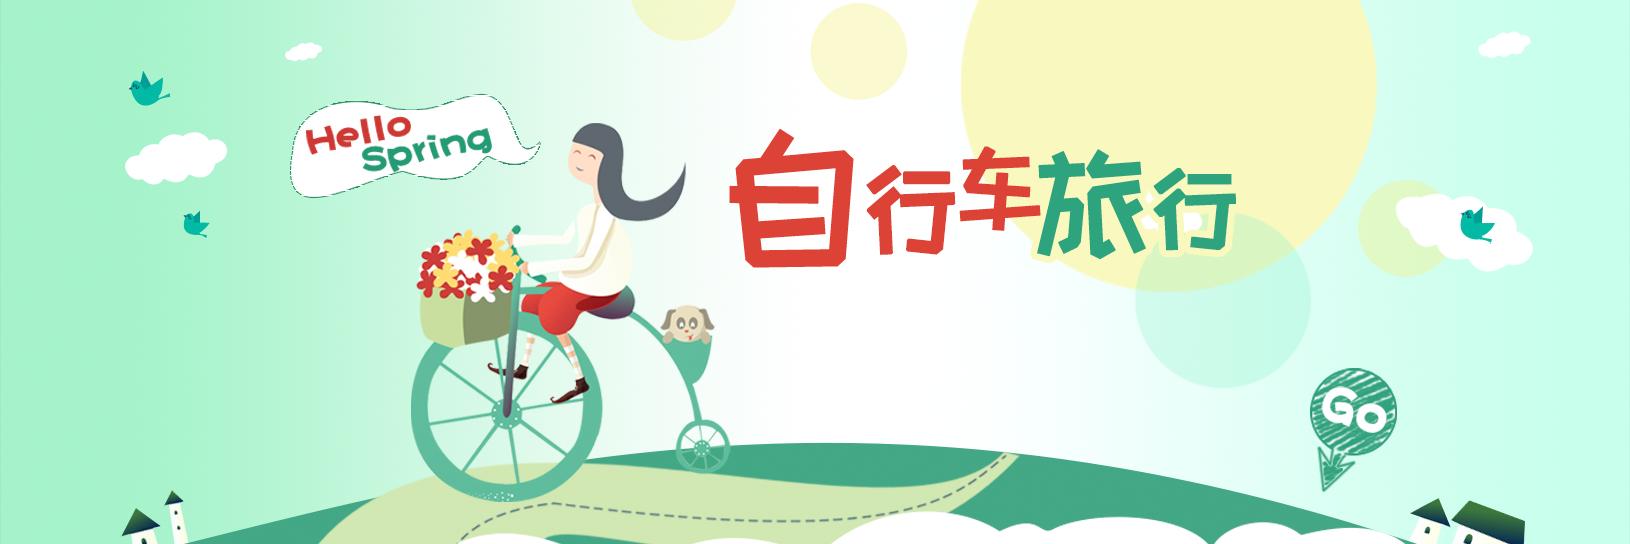 自行車旅行大全